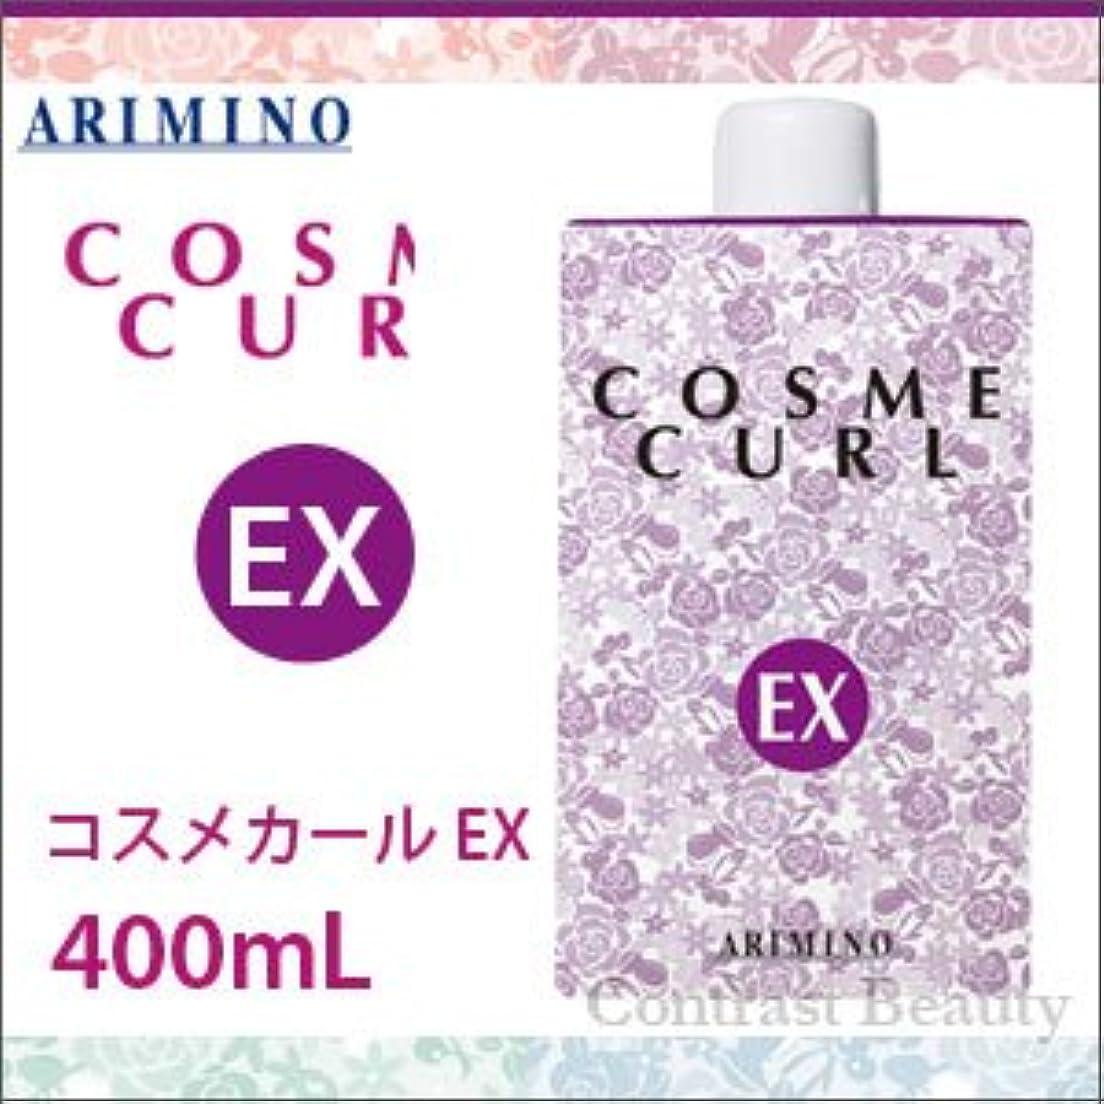 クライマックス独立して間違えたアリミノ コスメカール EX 400ml